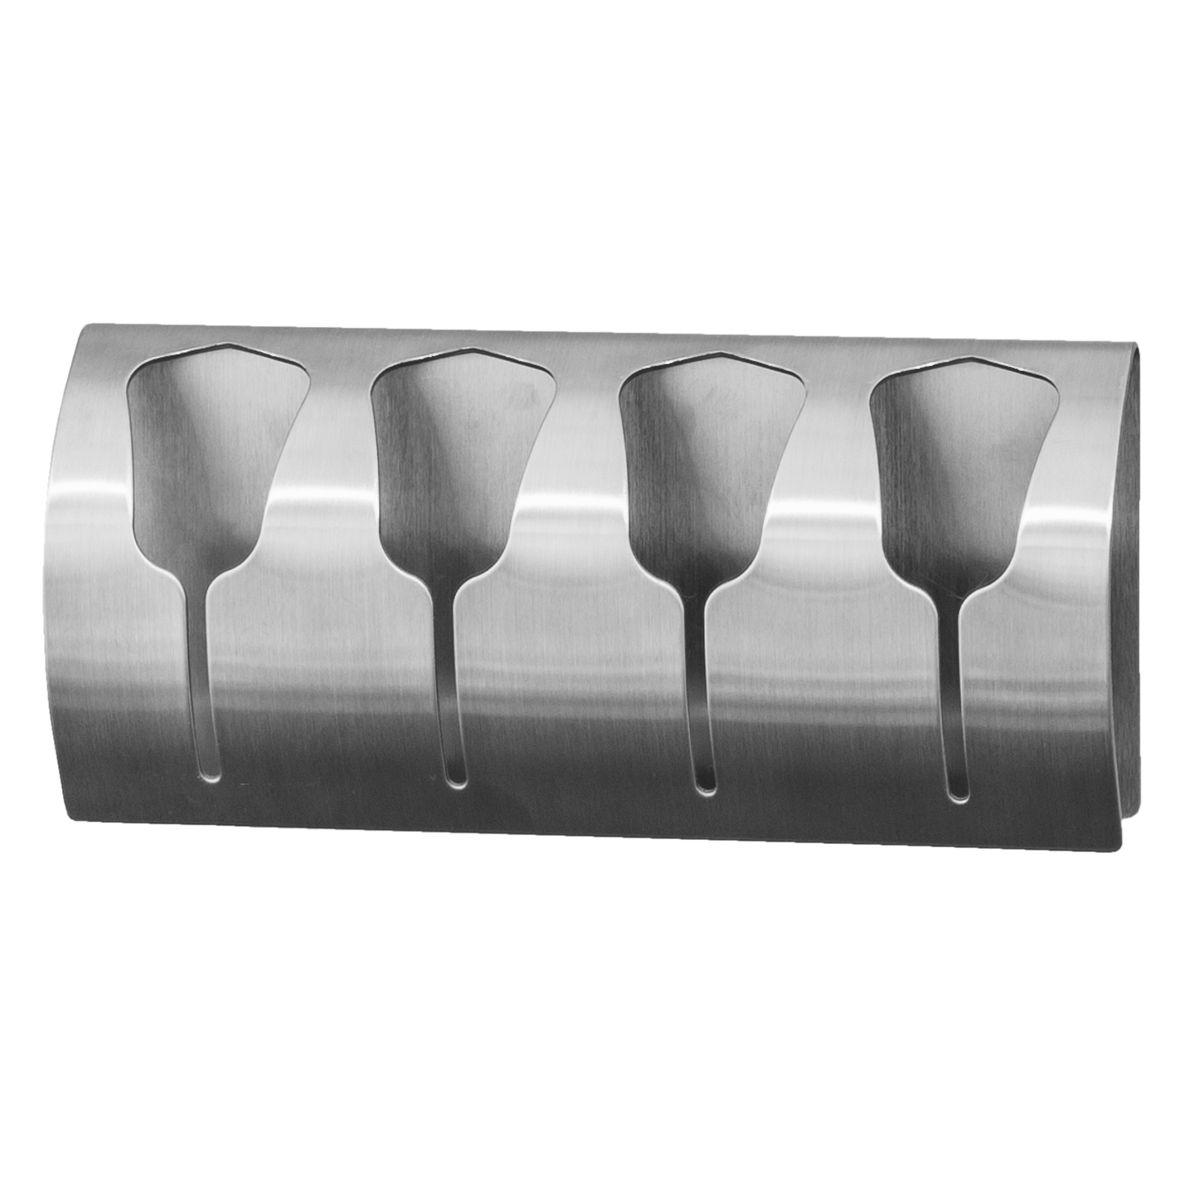 Вешалка Tatkraft Florida, самоклеящийся, для 4 полотенец531-105Вешалка Tatkraft Florida - вешалка на самоклеящийся основе для 4 полотенец из нержавеющей стали, не боится влаги, удобна в использовании. Легкая установка (инструкция на упаковке), надежный клеевой слой, выдерживает вес до 15 кг.